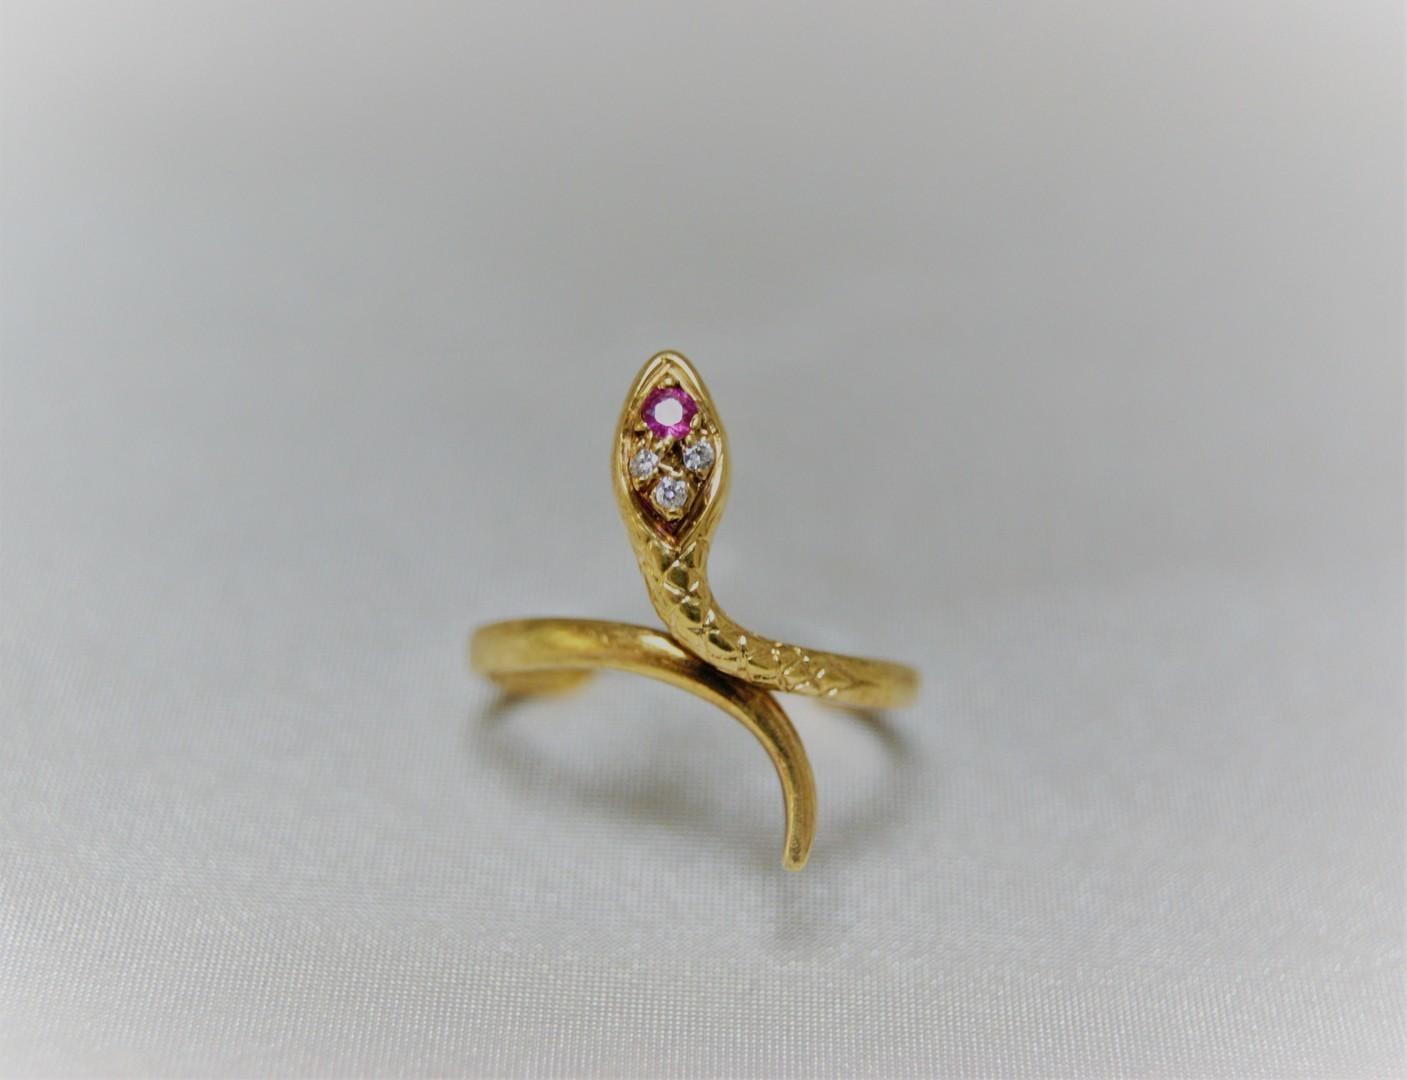 Gouden slangen ring met zirconia en robijn